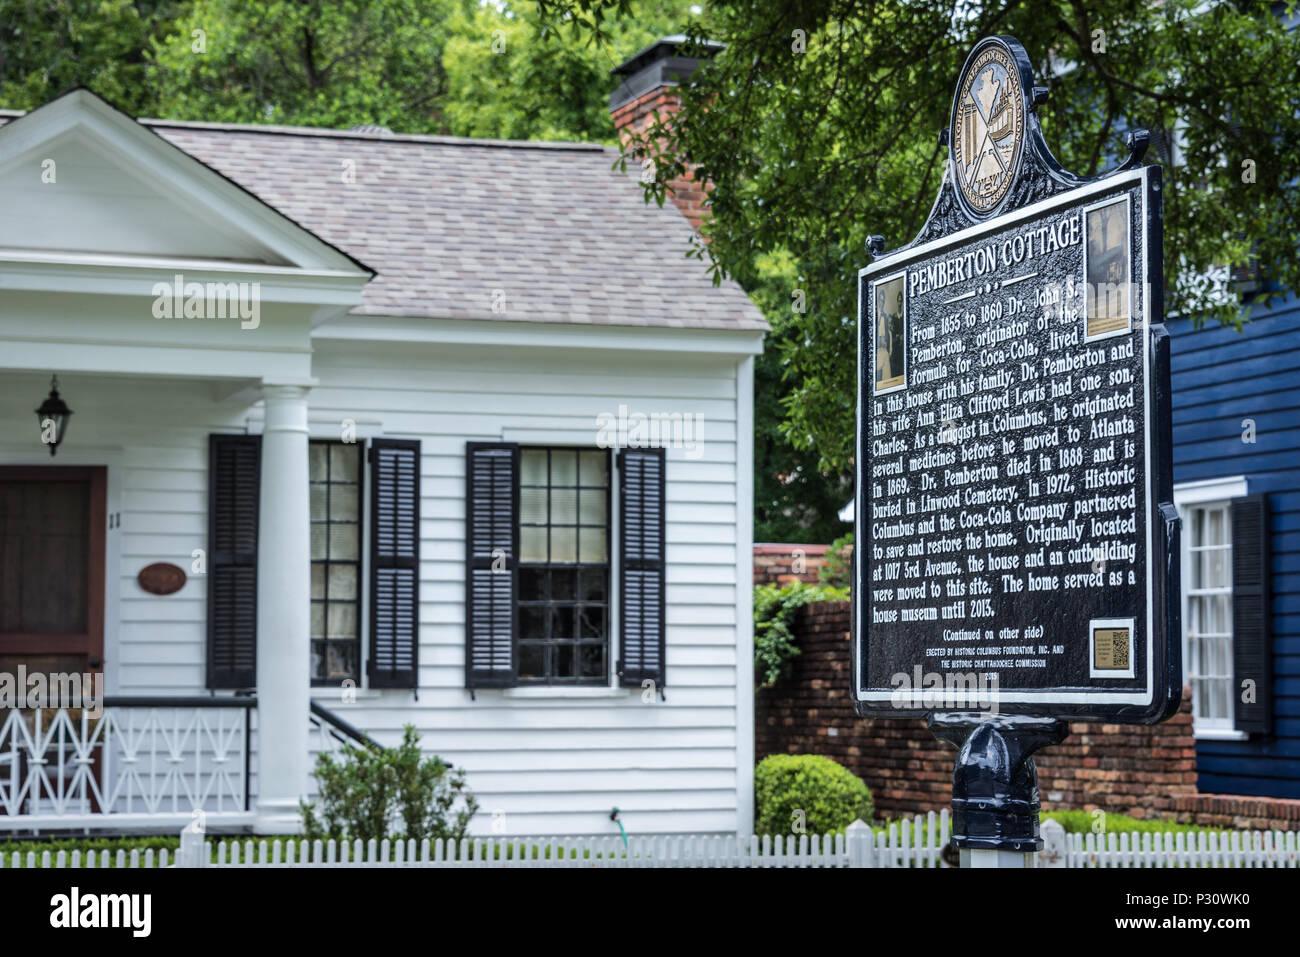 Historische Markierung Für Pemberton Cottage Das 19 Jahrhundert In